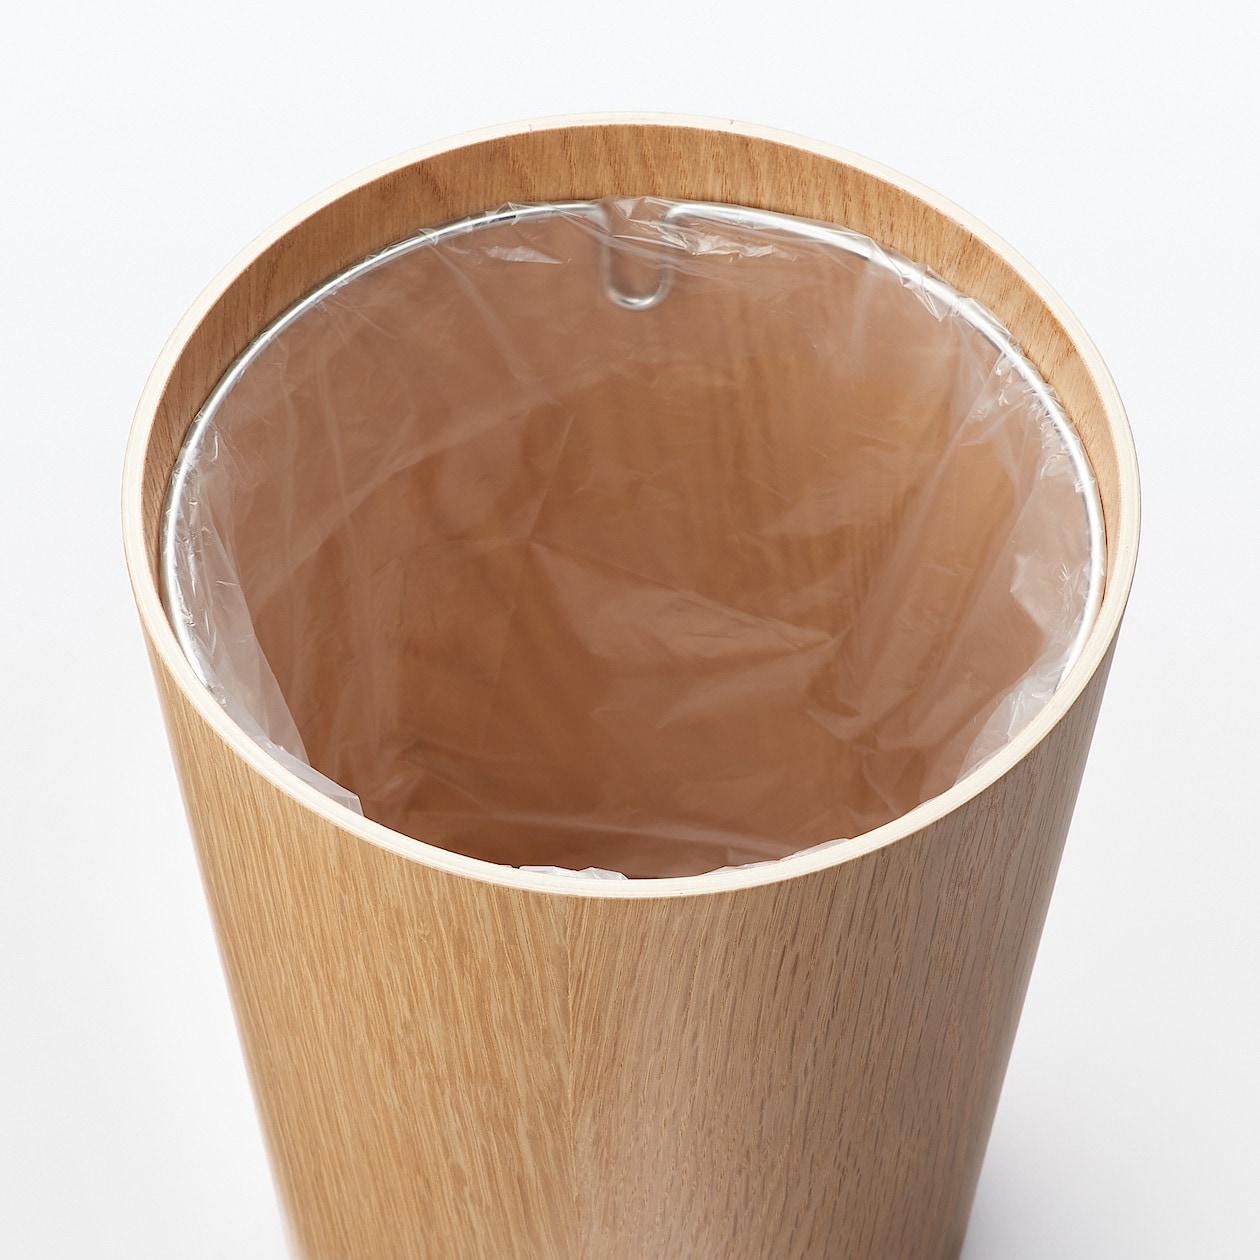 木製ごみ箱・袋止めワイヤー付 オーク材突板・丸型